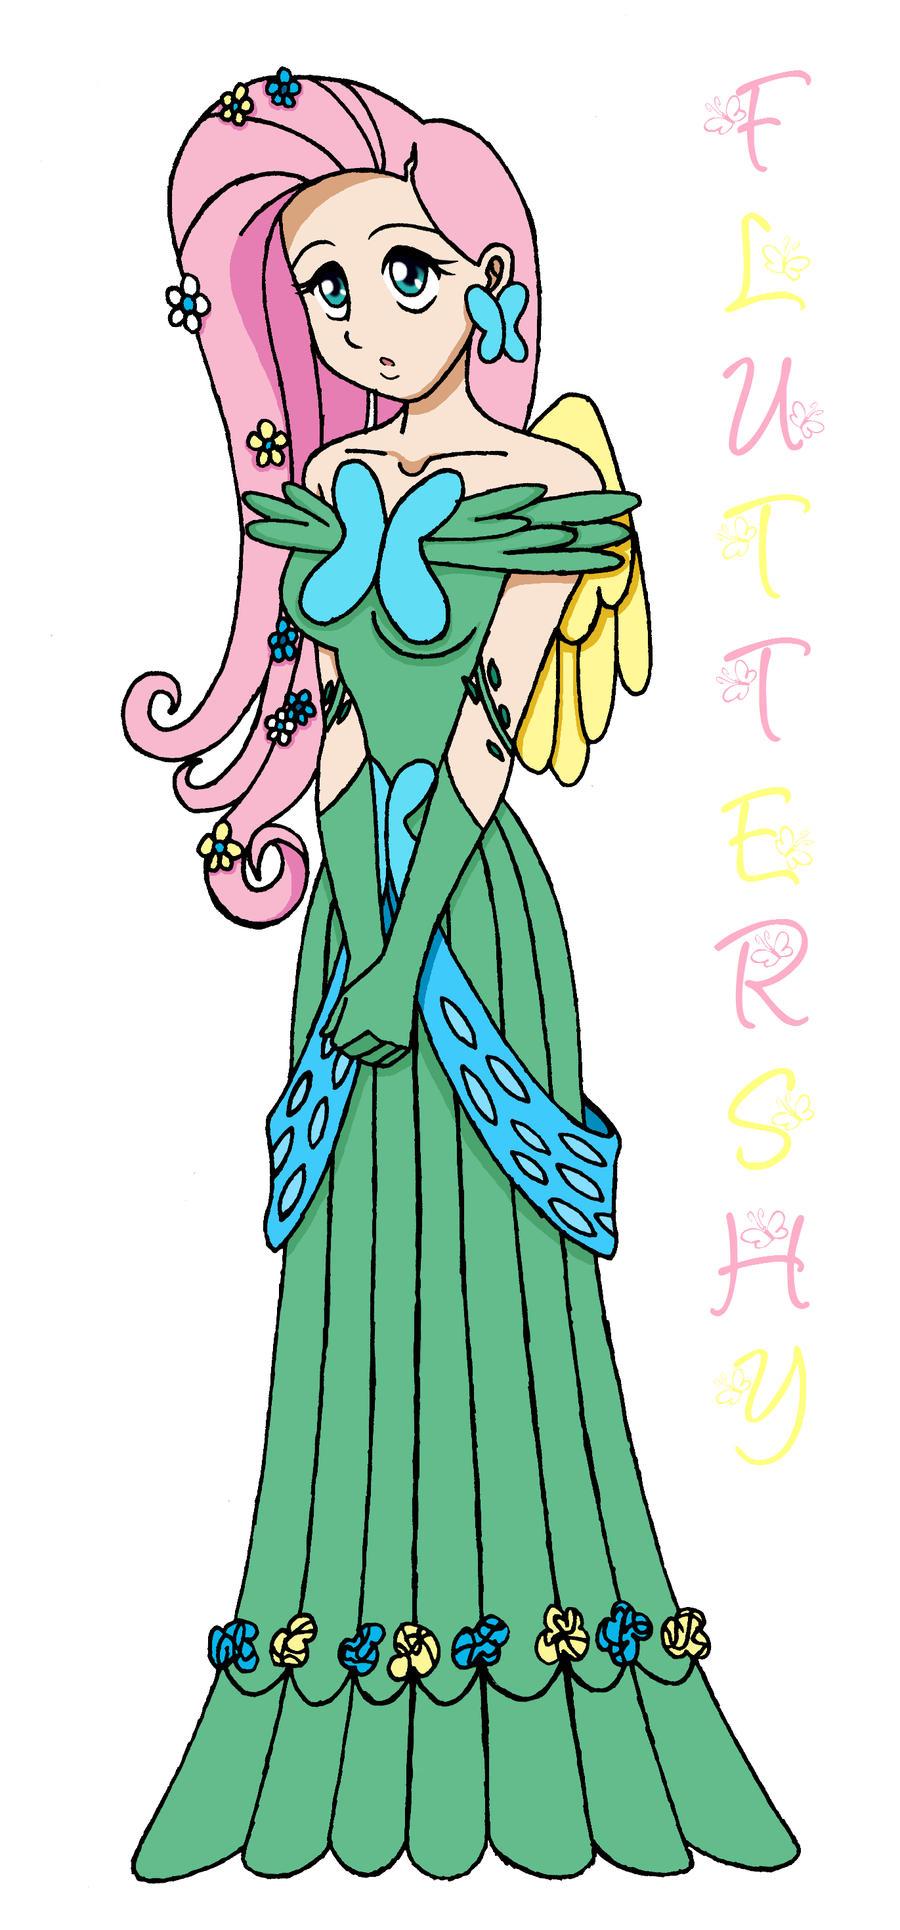 fluttershy__s_gala_dress_by_naiyru-d48zqn6.jpg